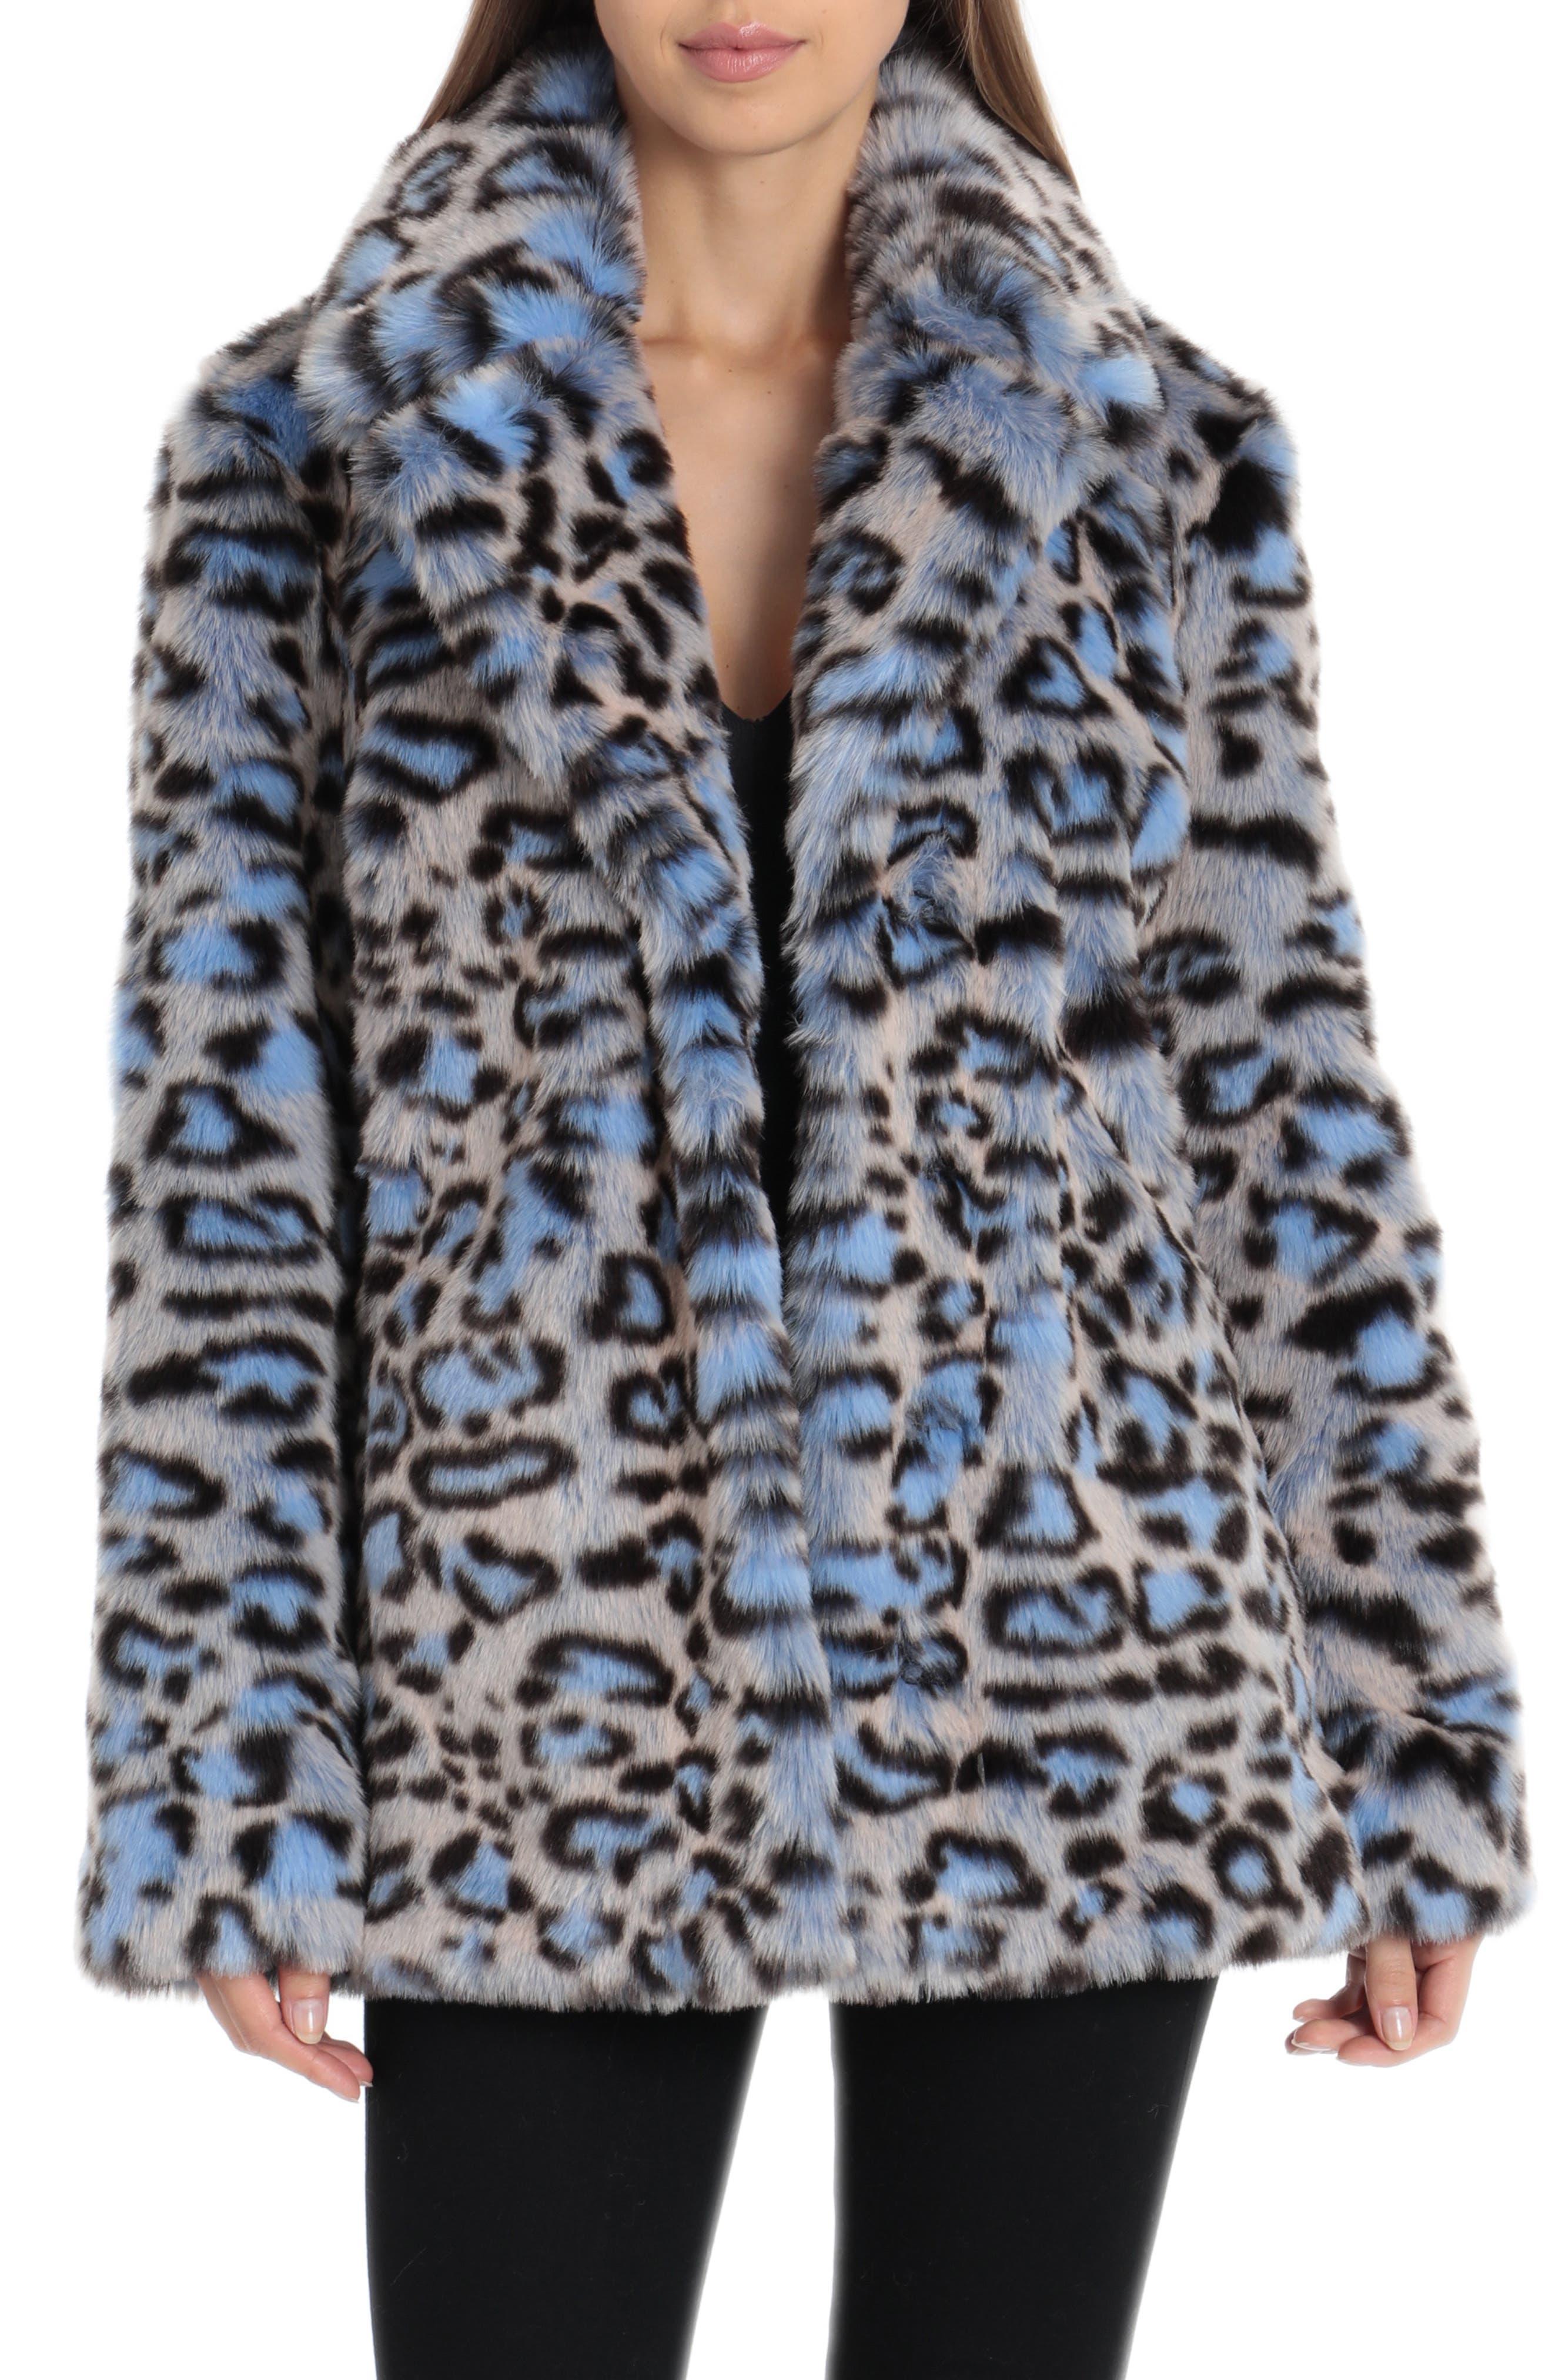 Animal Print Faux Fur Coat,                         Main,                         color, BLUE LEOPARD